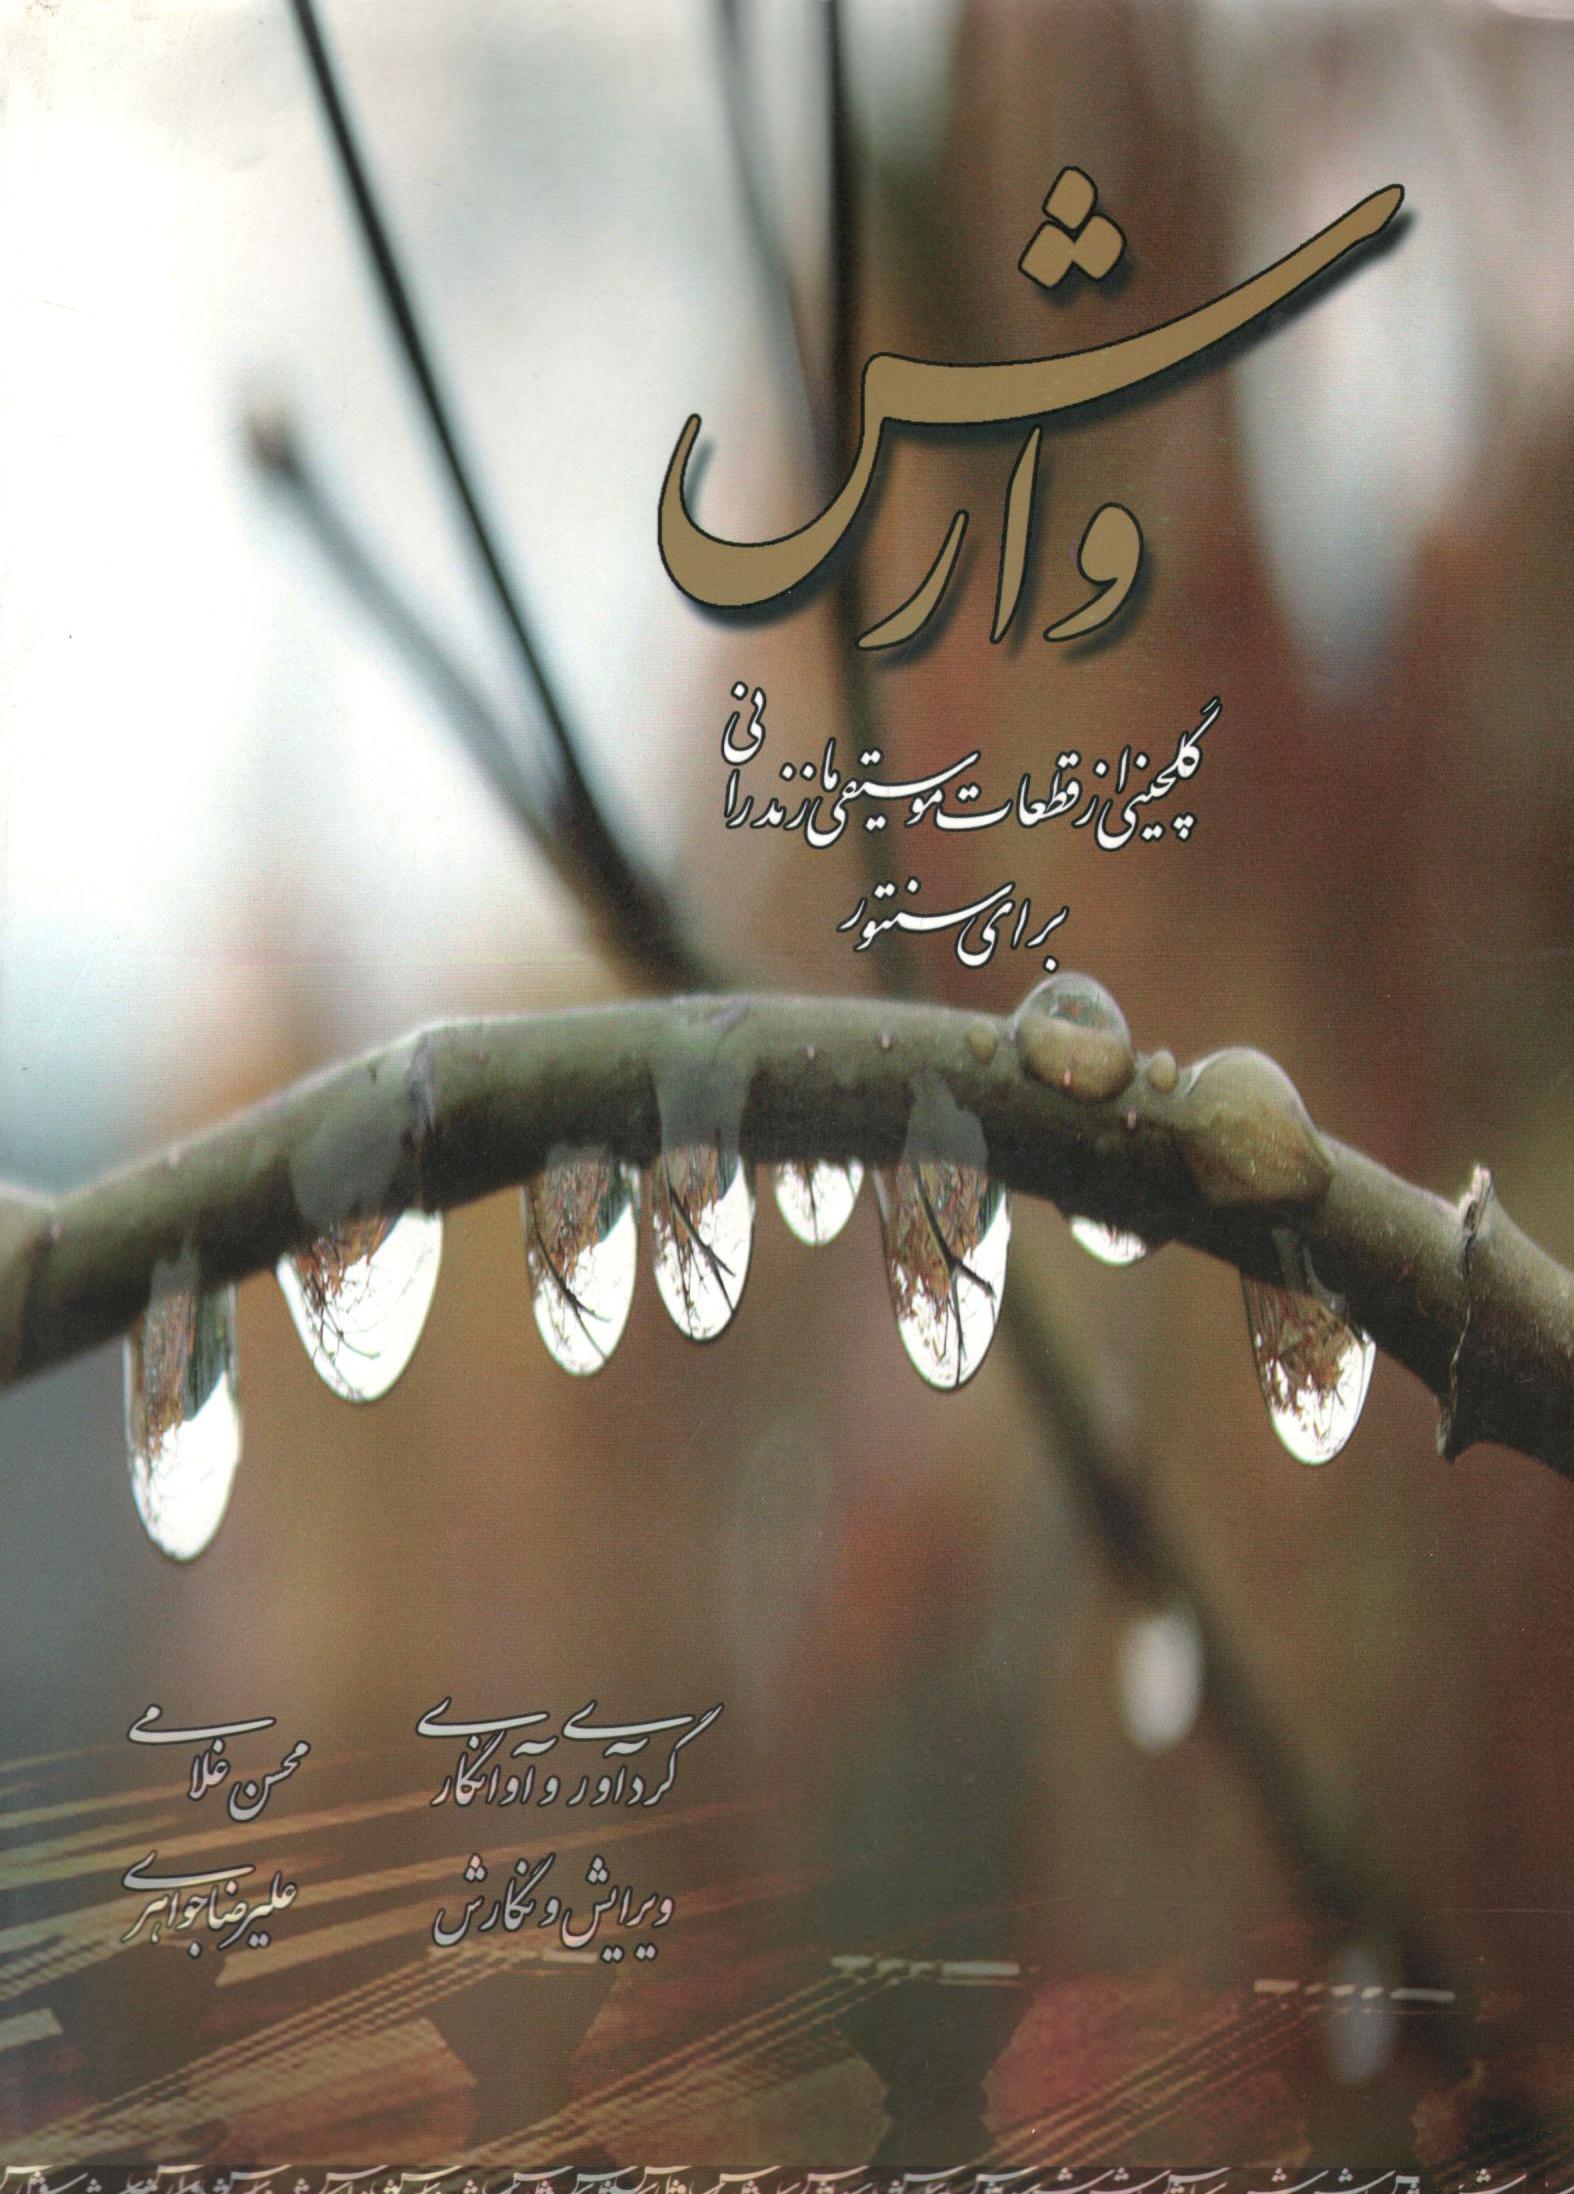 وارش گلچینی از قطعات موسیقی مازندرانی برای سنتور ، محسن غلامی ، غلیرضا جواهری